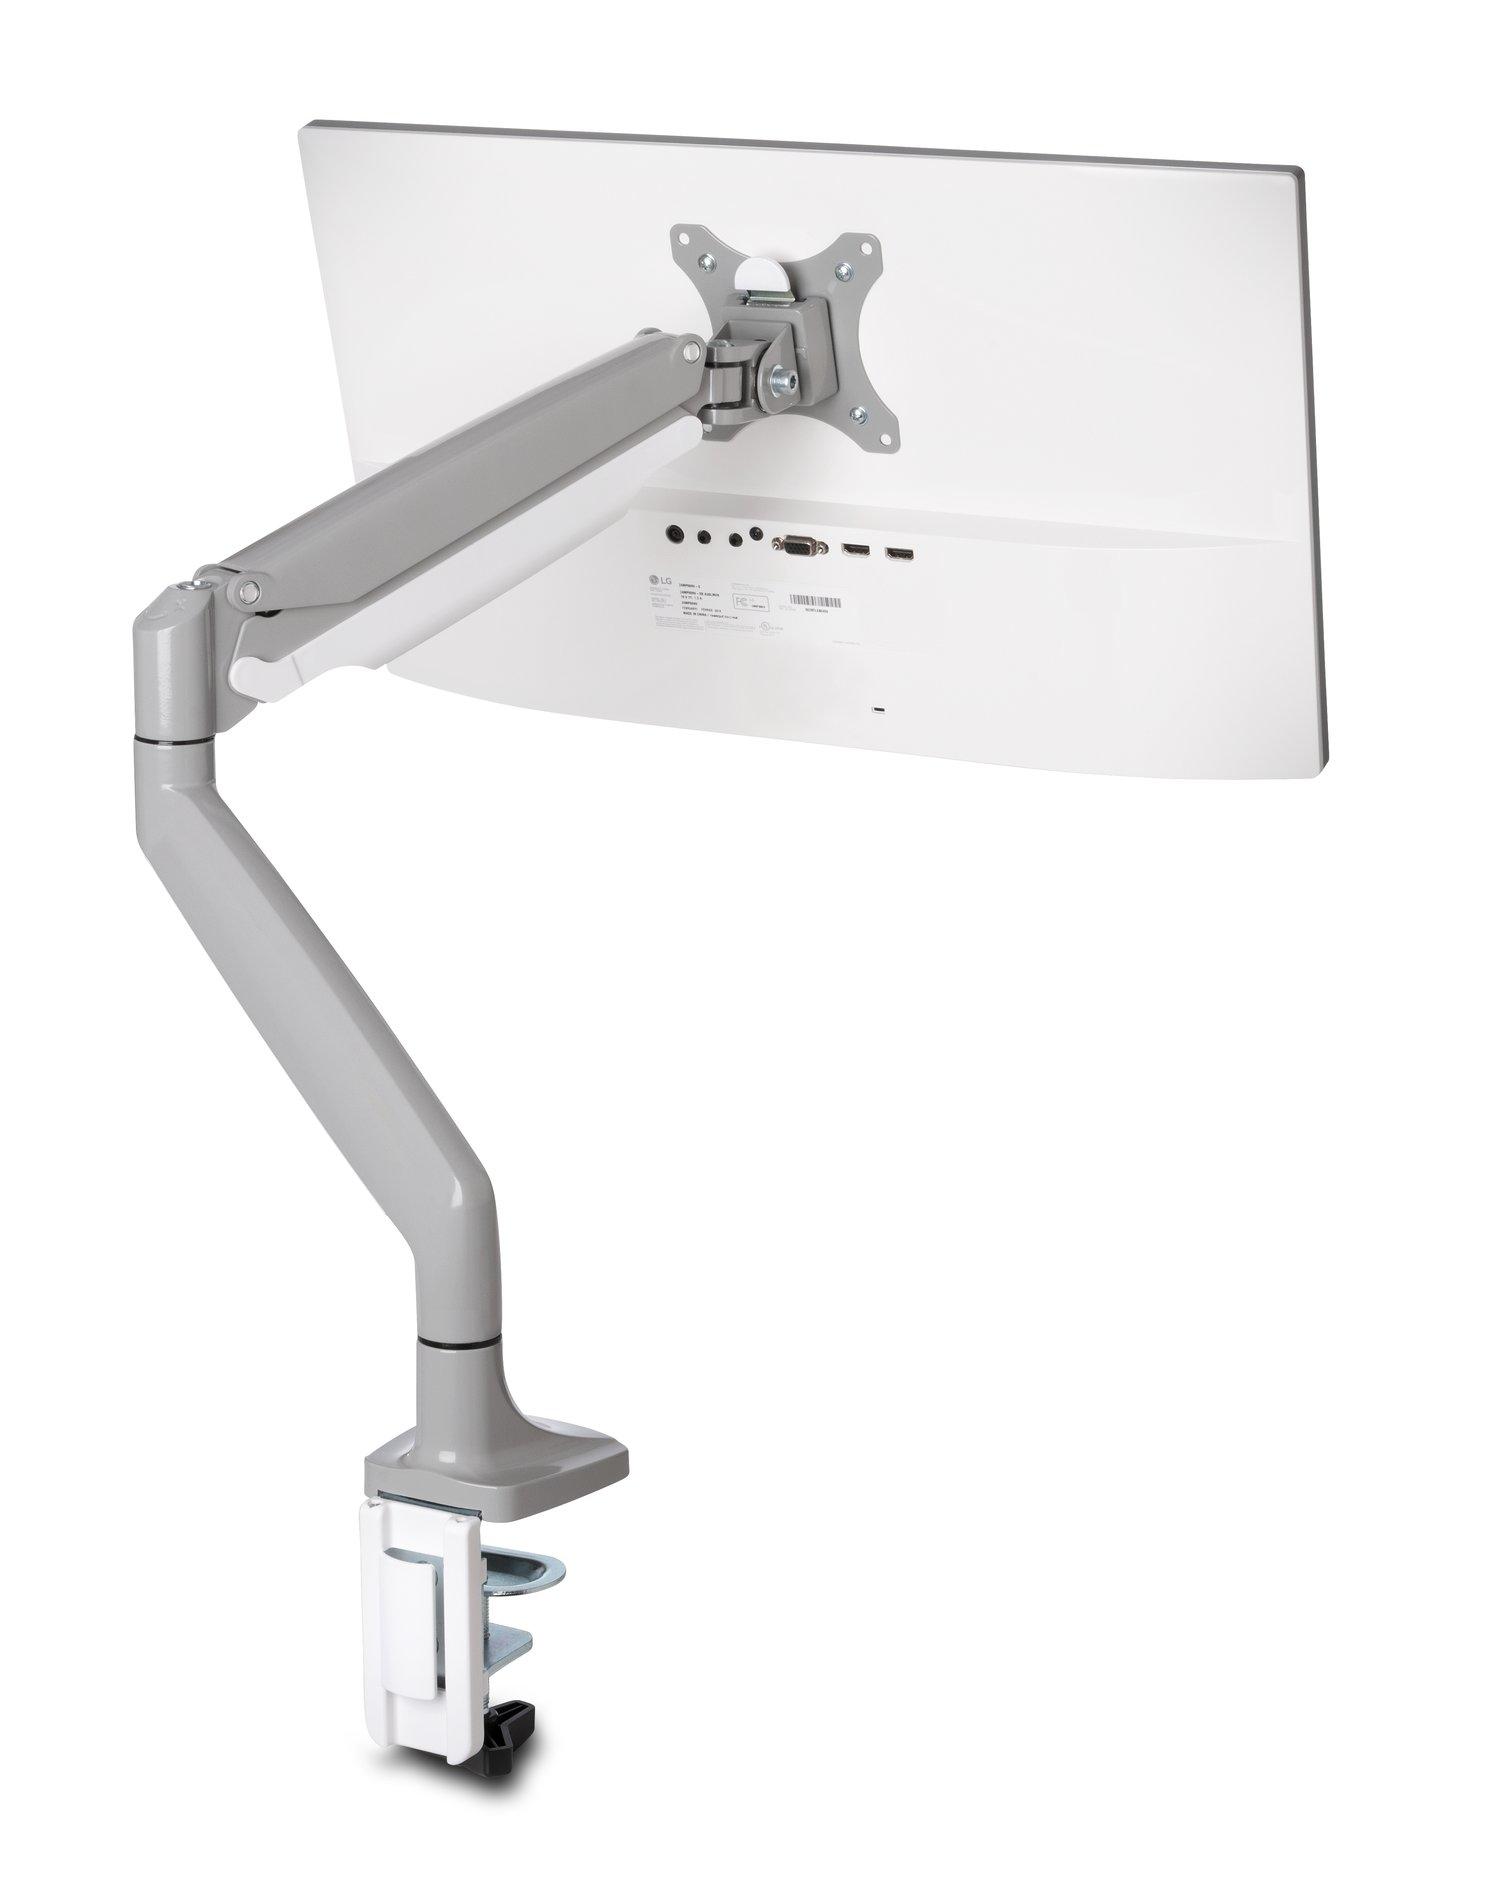 """Kensington K55470EU soporte de mesa para pantalla plana 81,3 cm (32"""") Abrazadera/Atornillado Gris, Plata"""